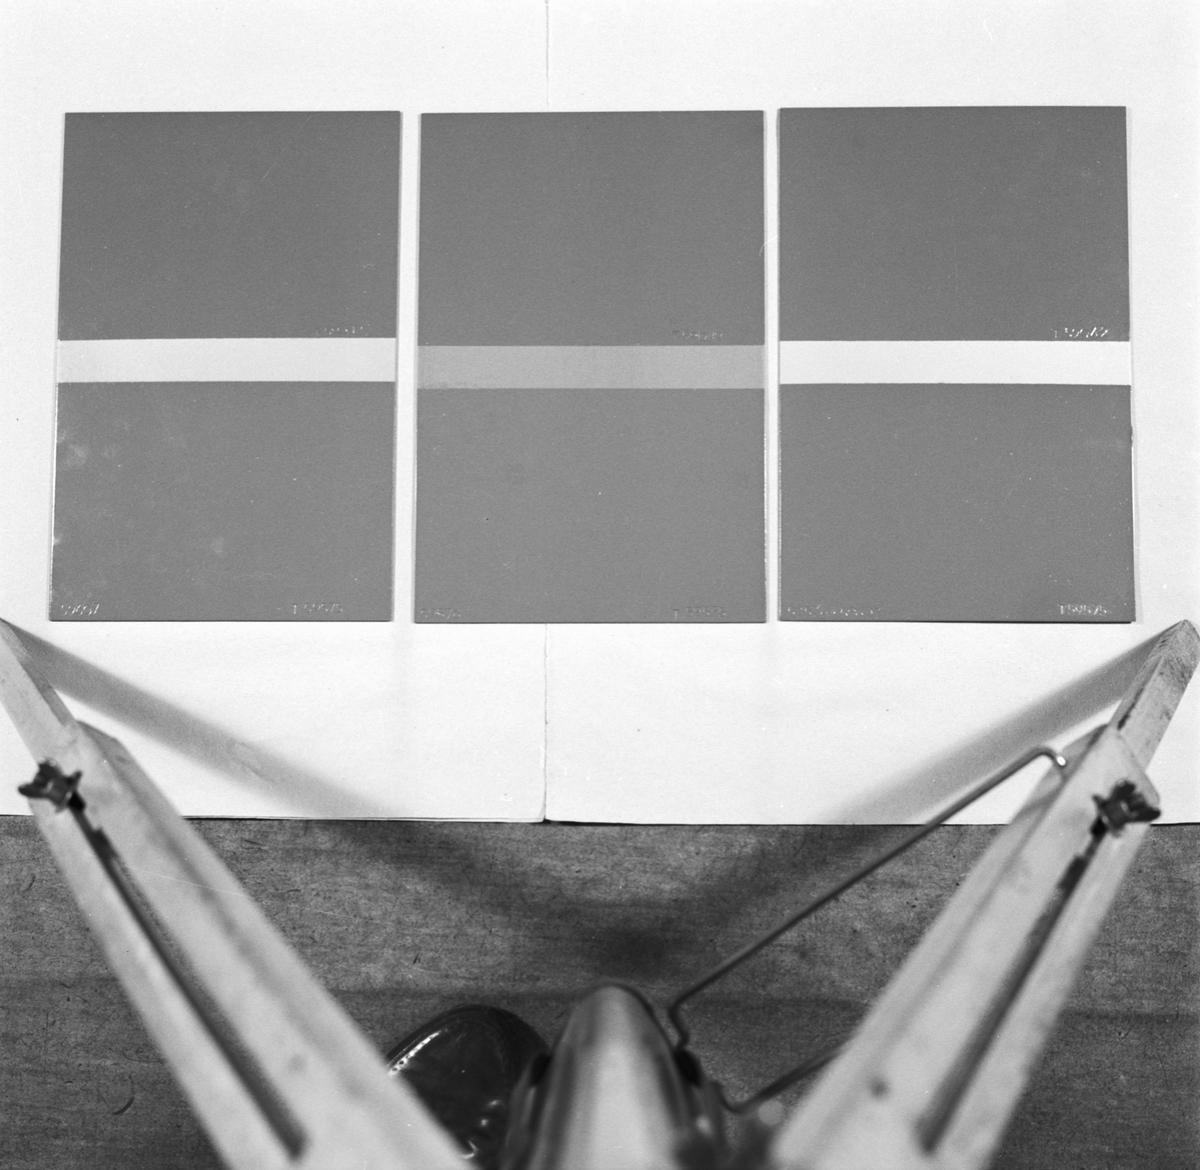 Övrigt: Foto datum: 10/5 1957 Byggnader och kranar Färgplåtar prover. Närmast identisk bild: V13761, ej skannad